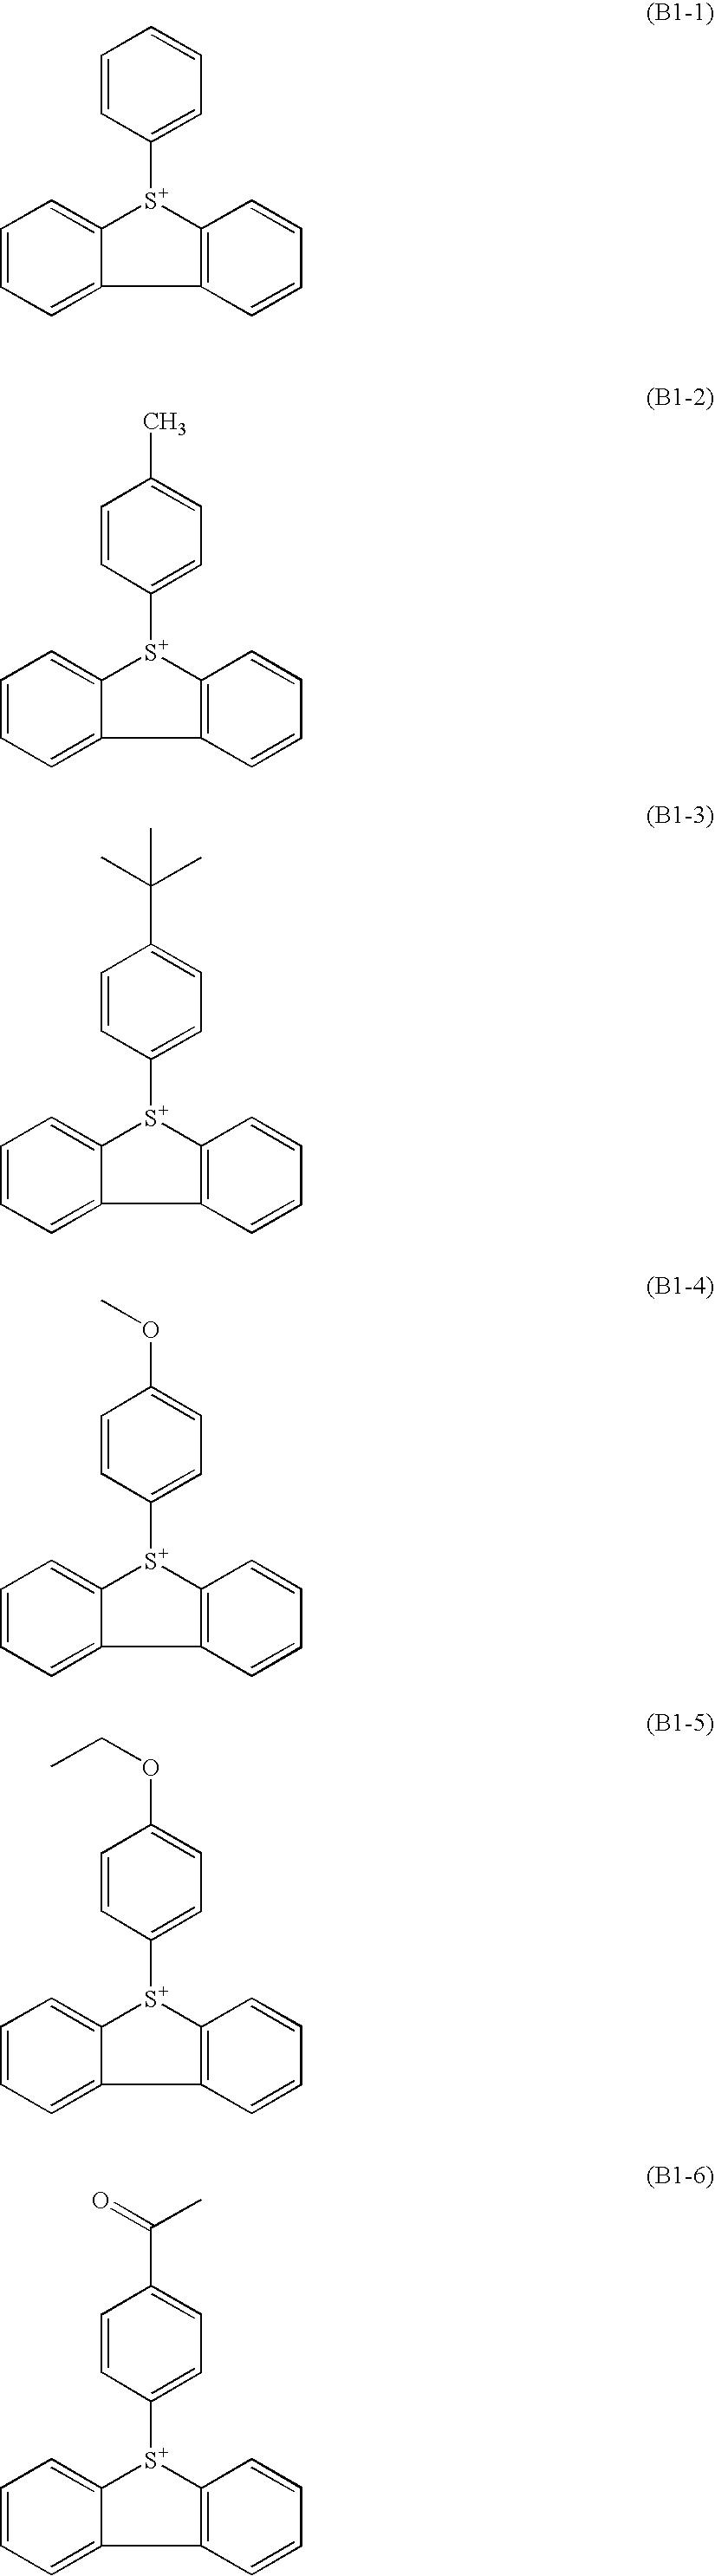 Figure US08852845-20141007-C00010